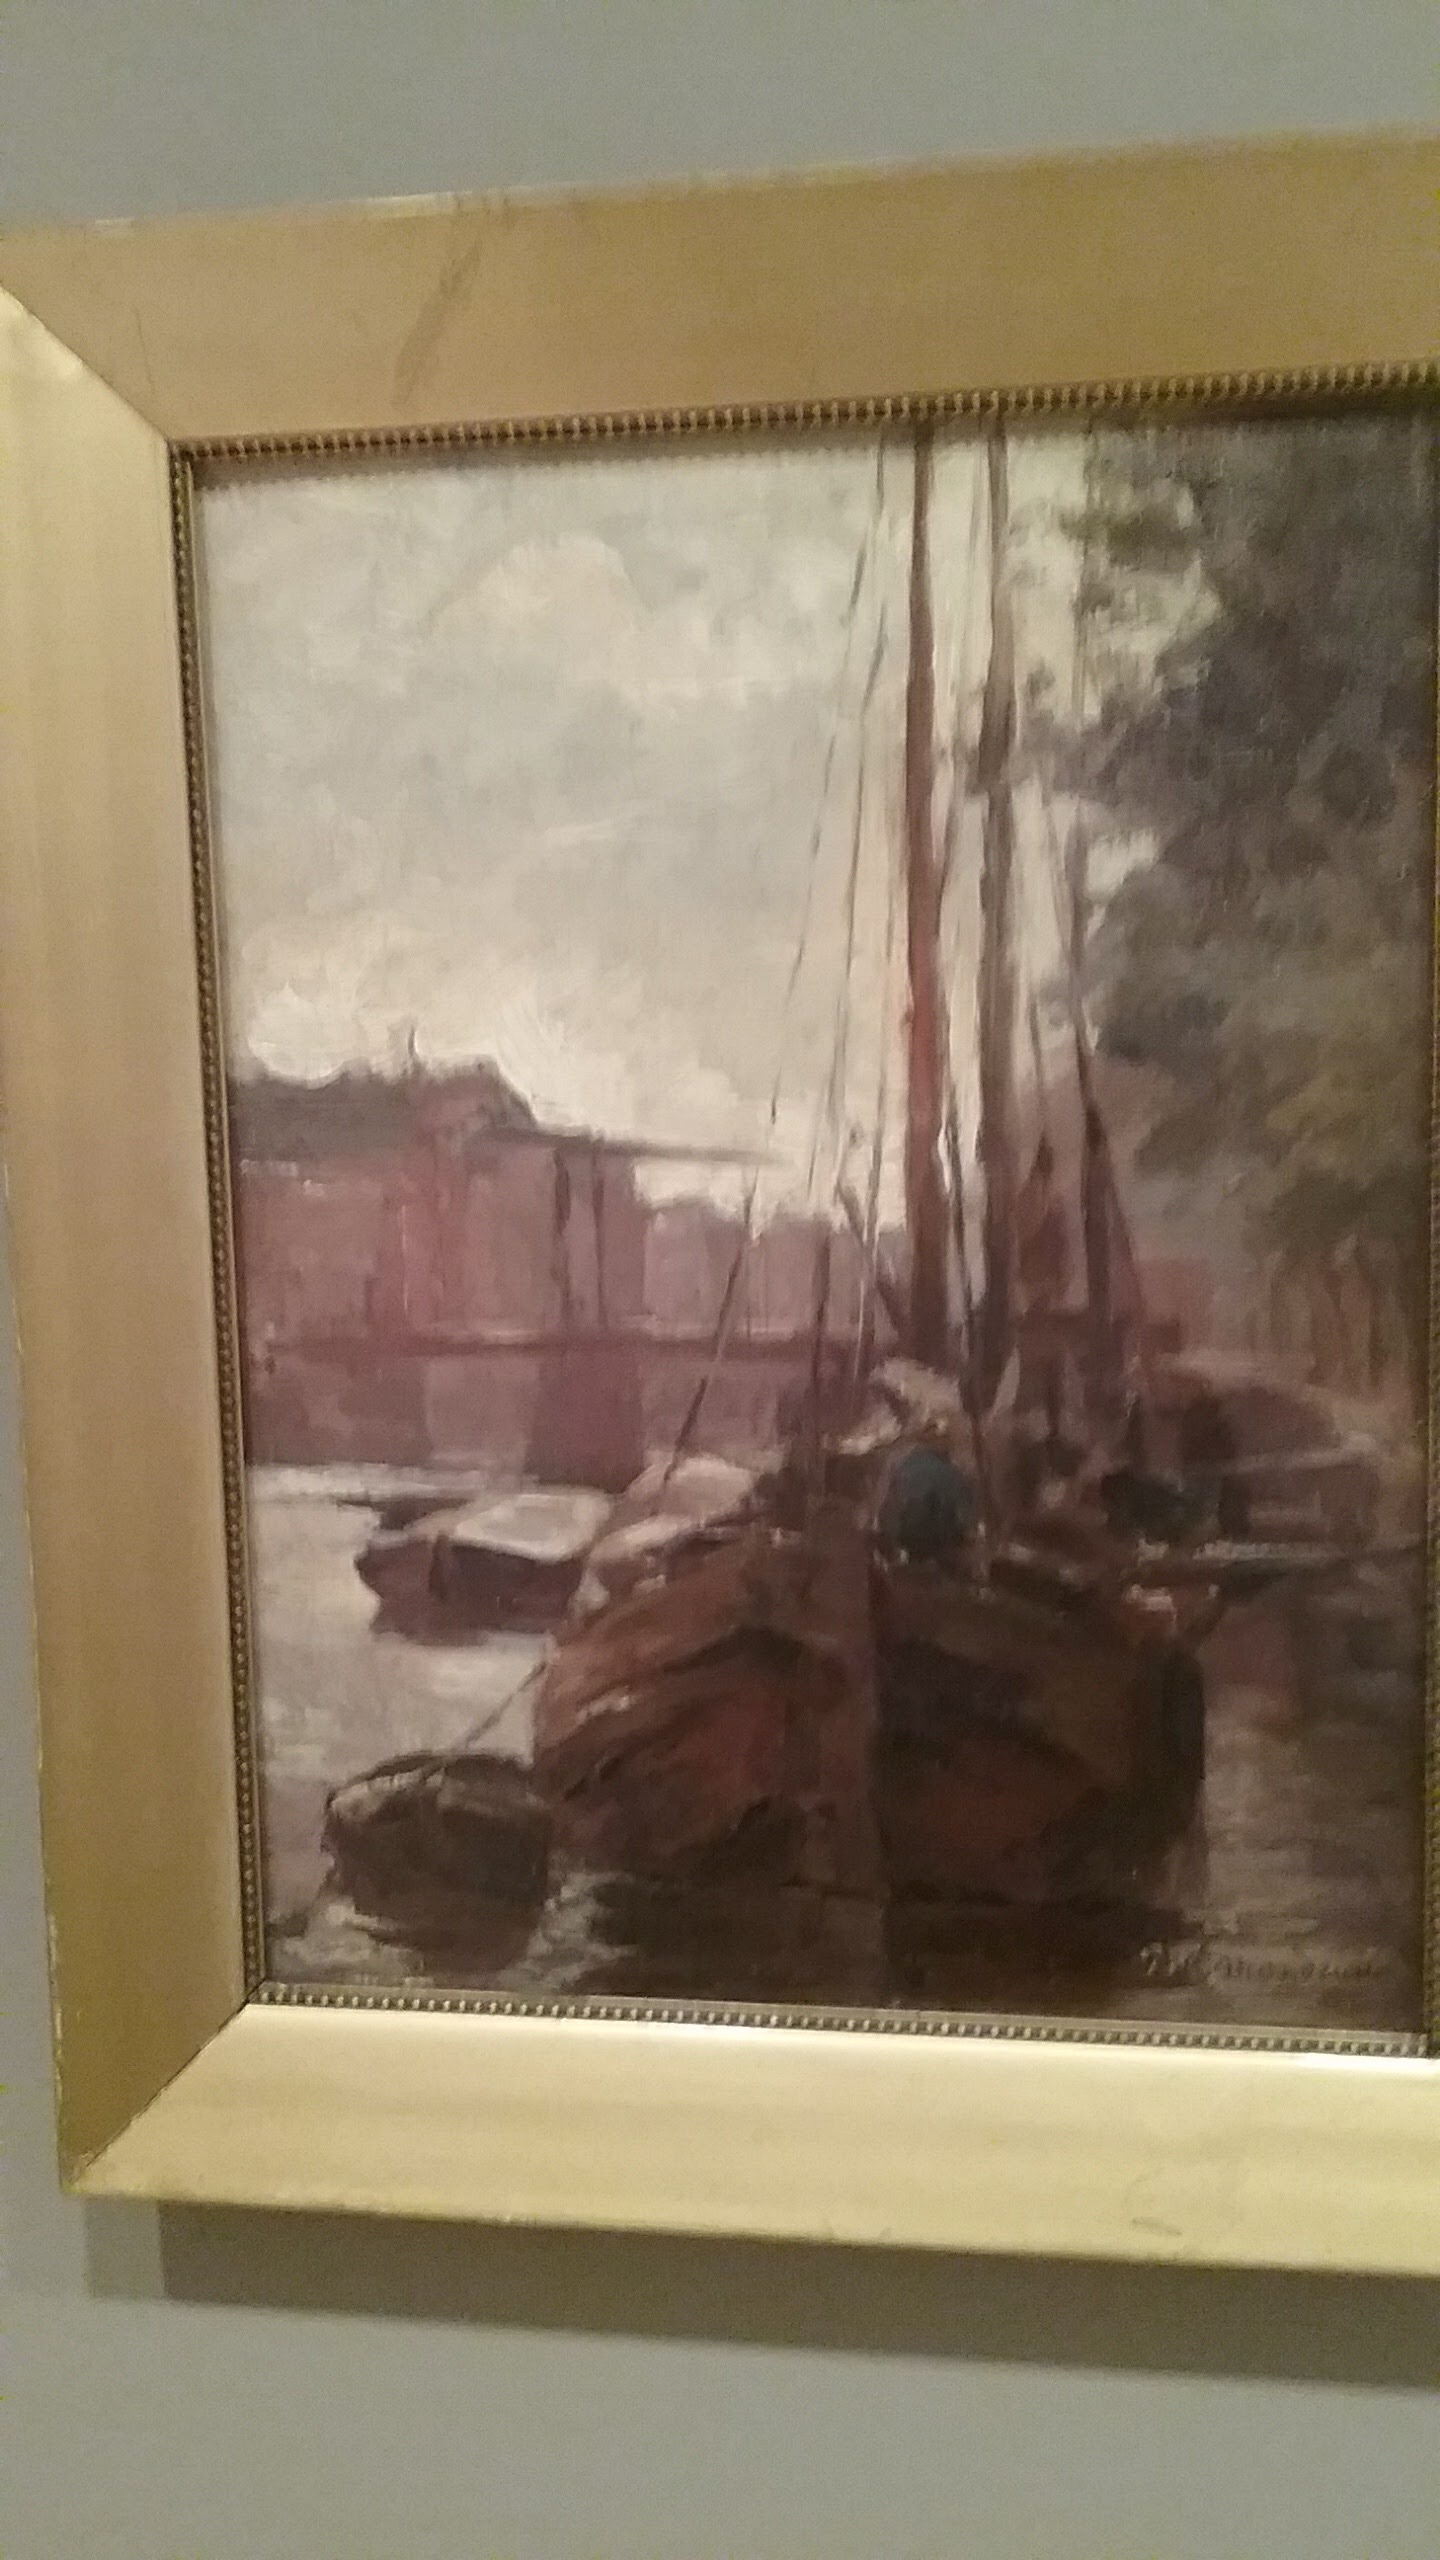 Piet Mondrian, Waals-Eilandgracht with Bridge and Moored Tjalk Barges, 1895-6